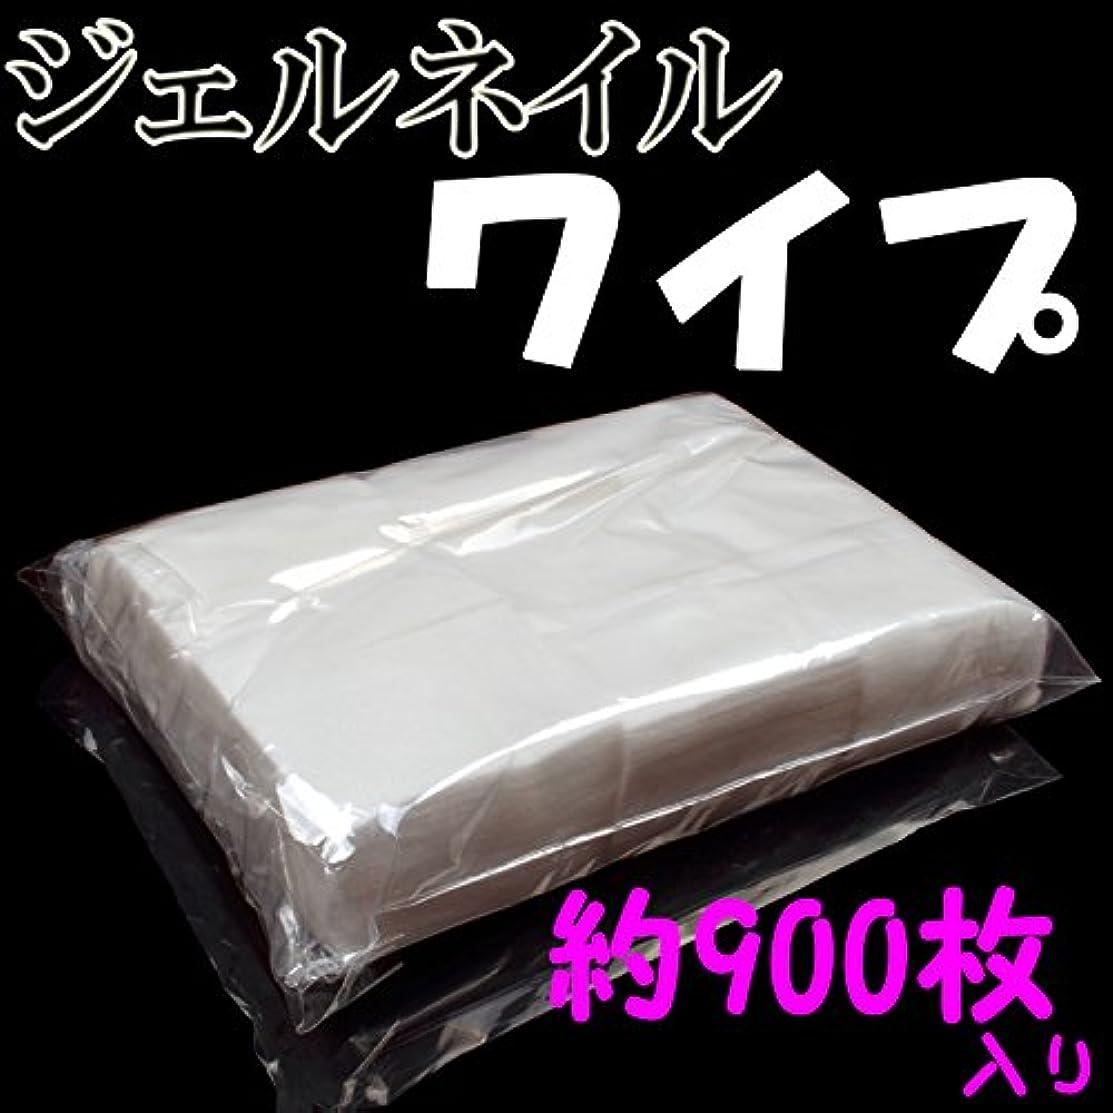 温帯それに応じて論争の的ジェルネイル ワイプ コットン 約900枚 未硬化ジェルの拭き取りに (ソフトタイプ)